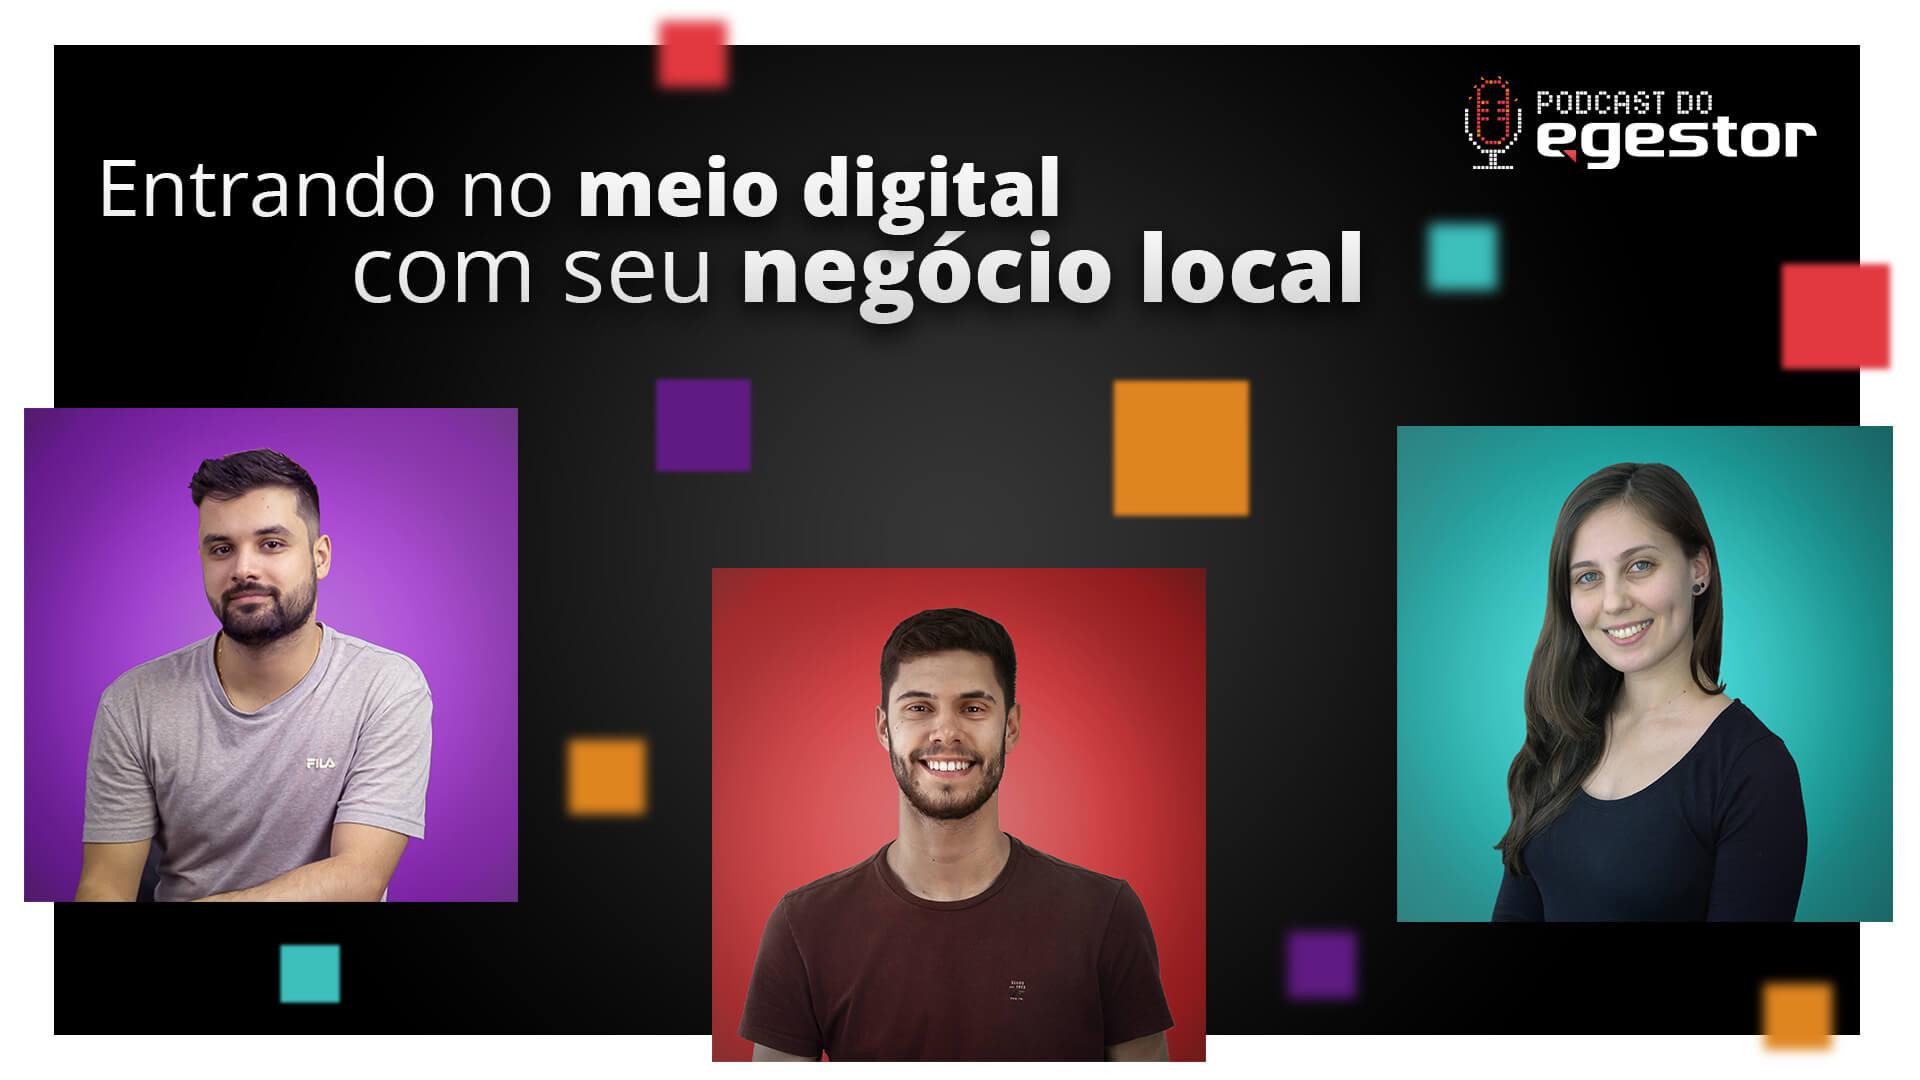 Entrando no meio digital com seu negócio local - PodCast do eGestor